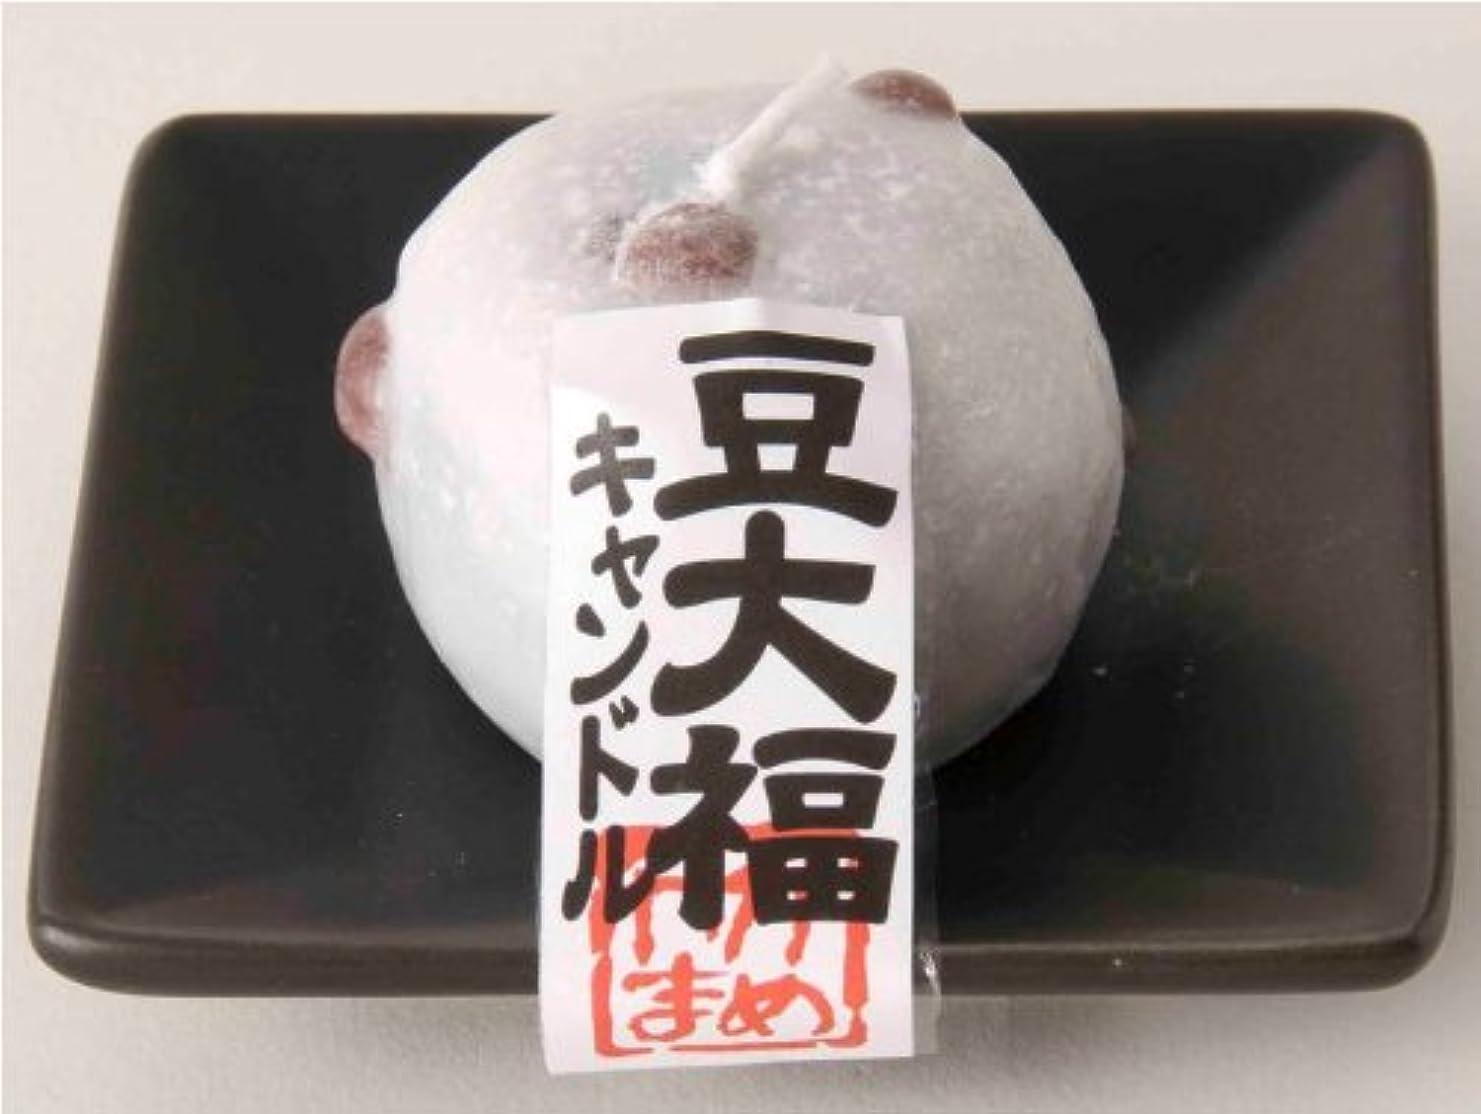 カウント今後納税者豆大福キャンドル